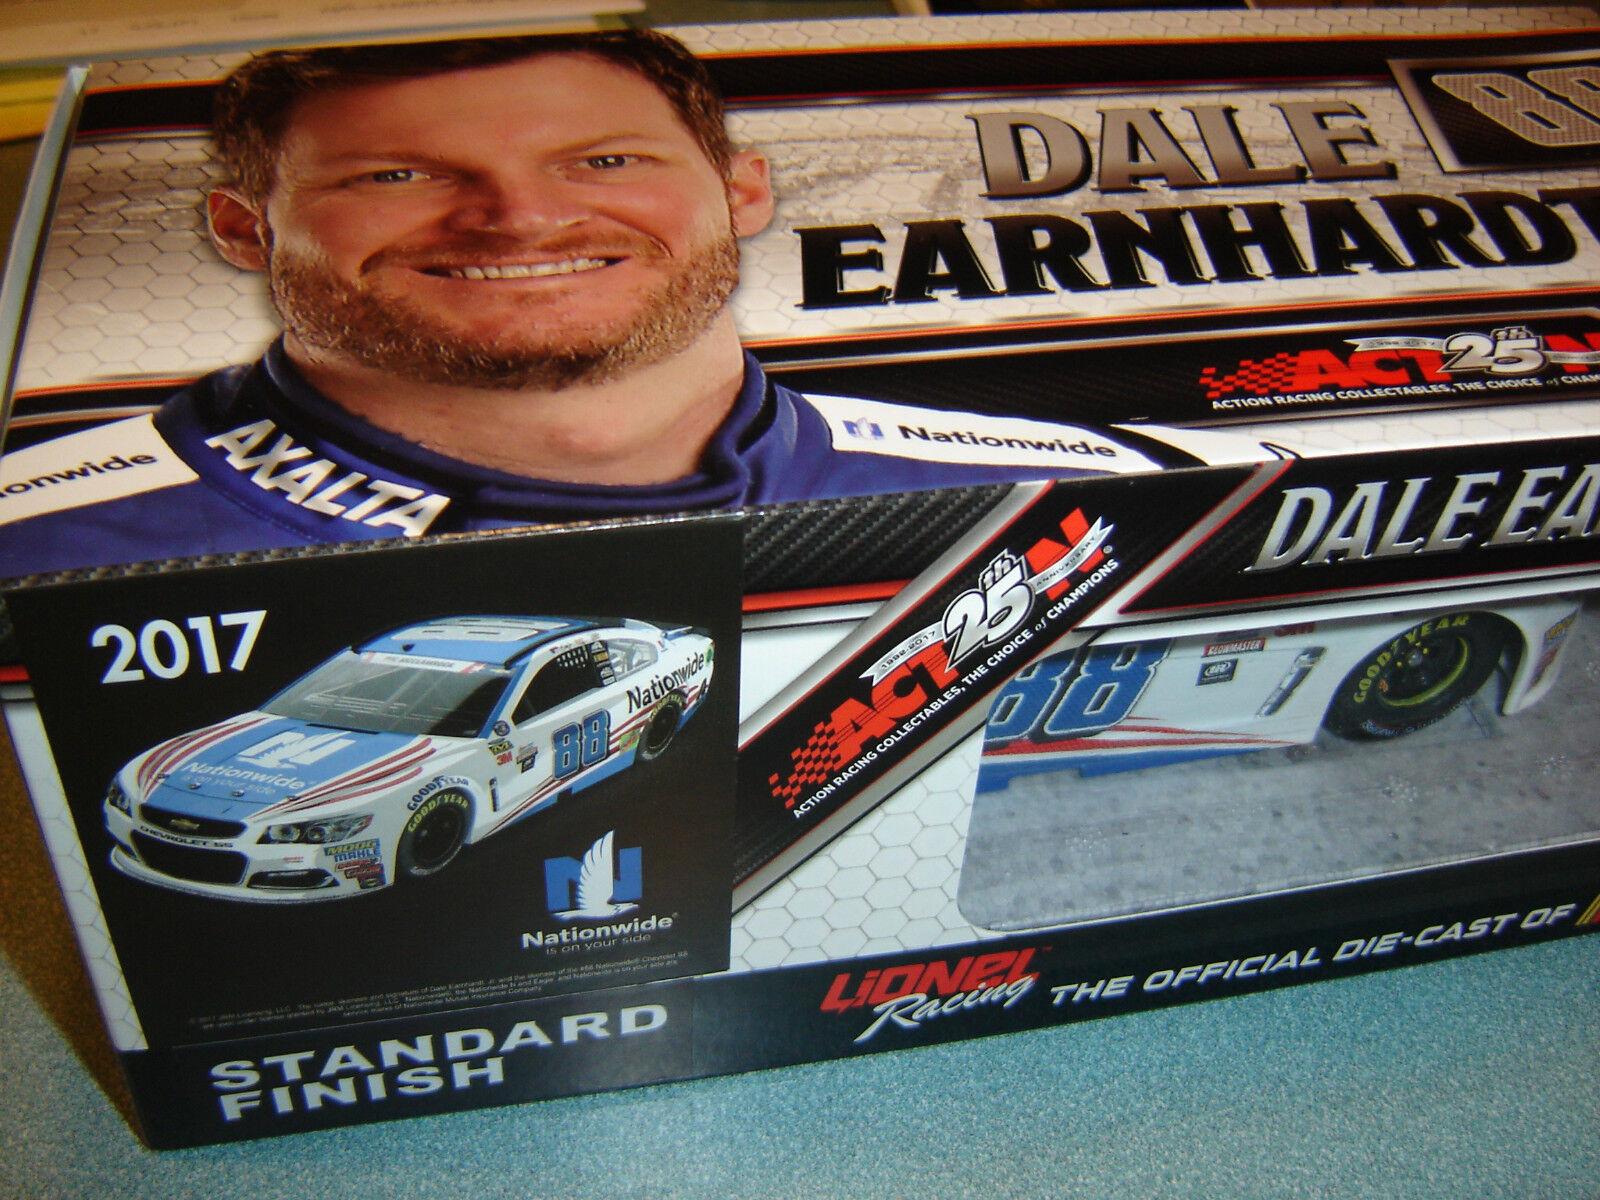 88 Dale Earnhardt Jr 2017 Nationwide Assurance Patriotique 1 24 Action